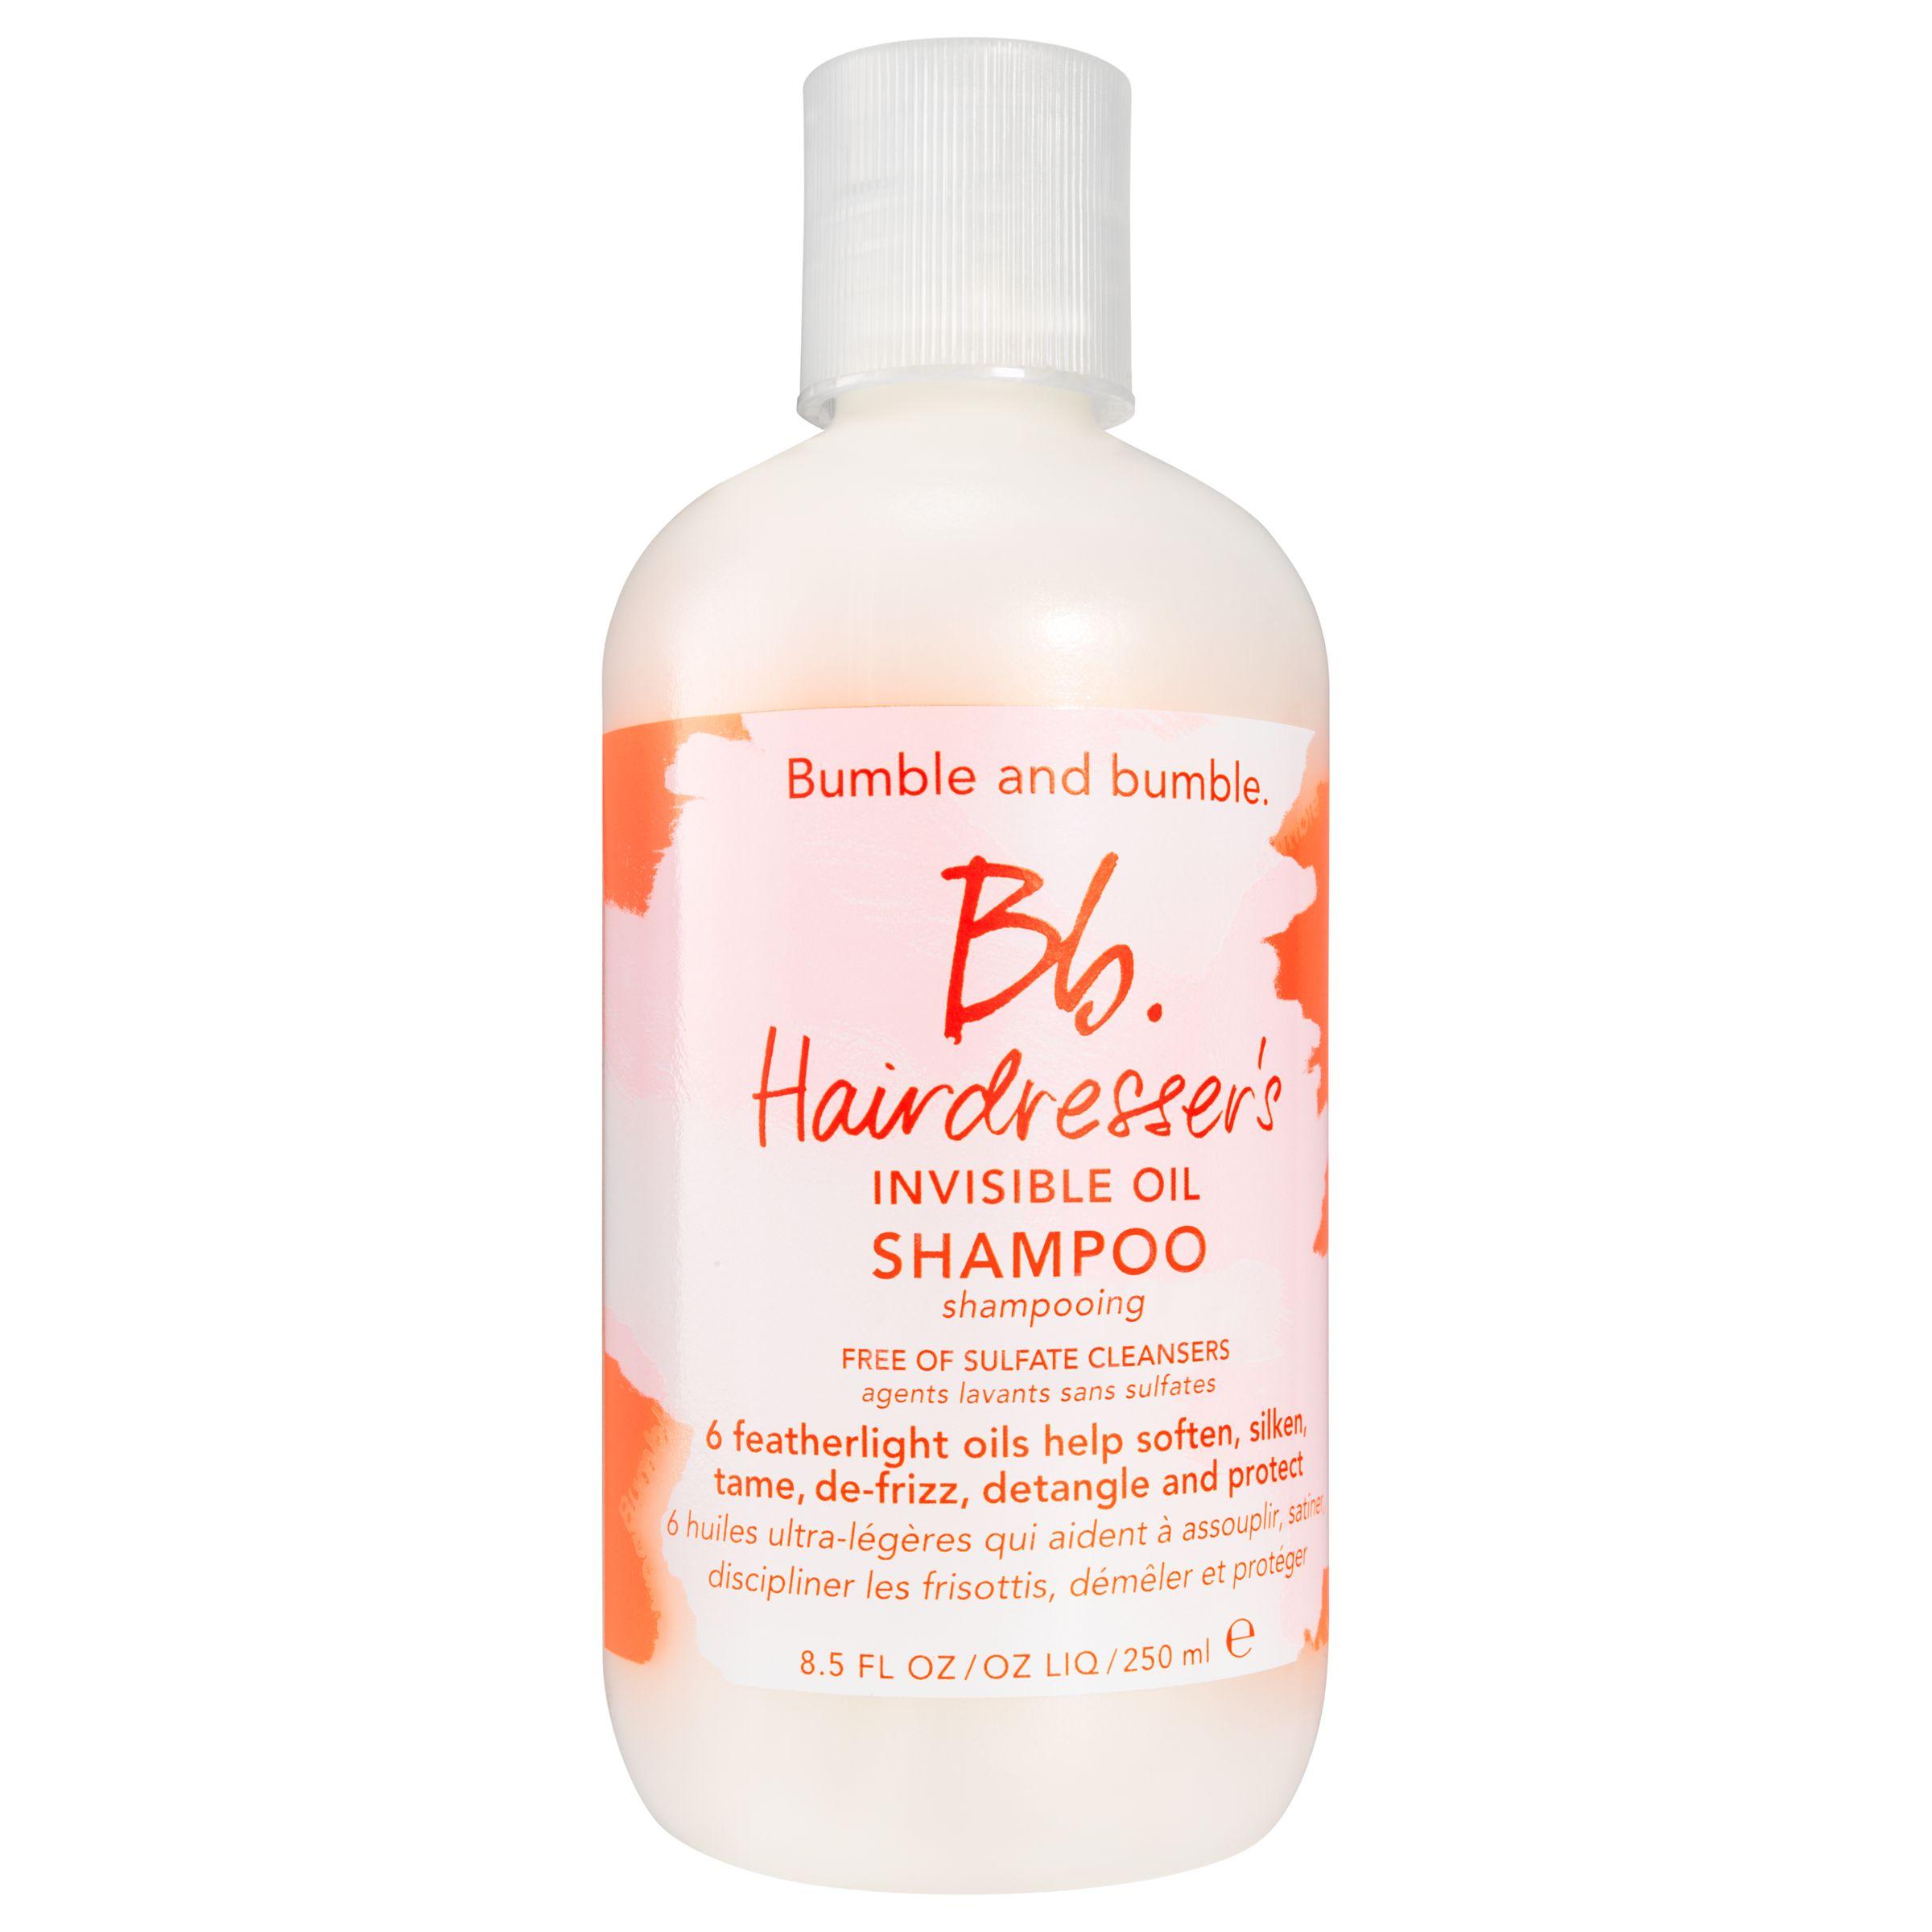 Bumble and bumble Bumble and bumble Hairdressers Invisible Oil Shampoo, 250ml